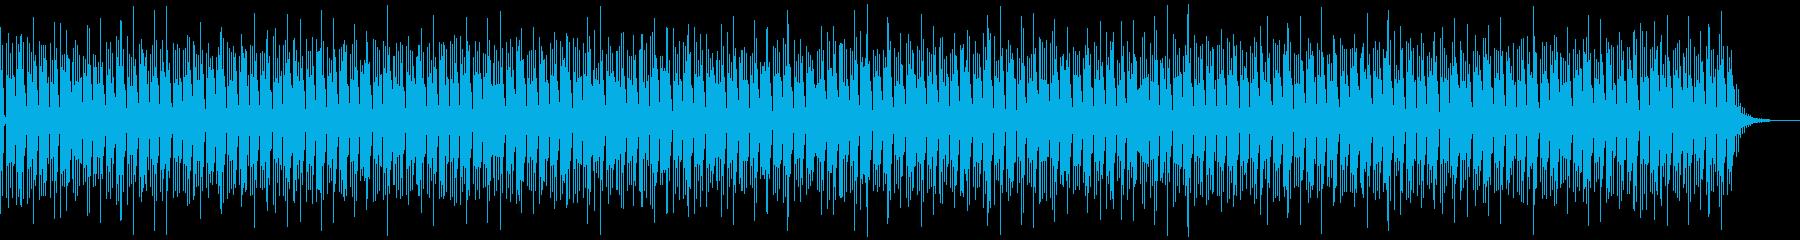 [ニュース報道]無機質、フラット:01の再生済みの波形